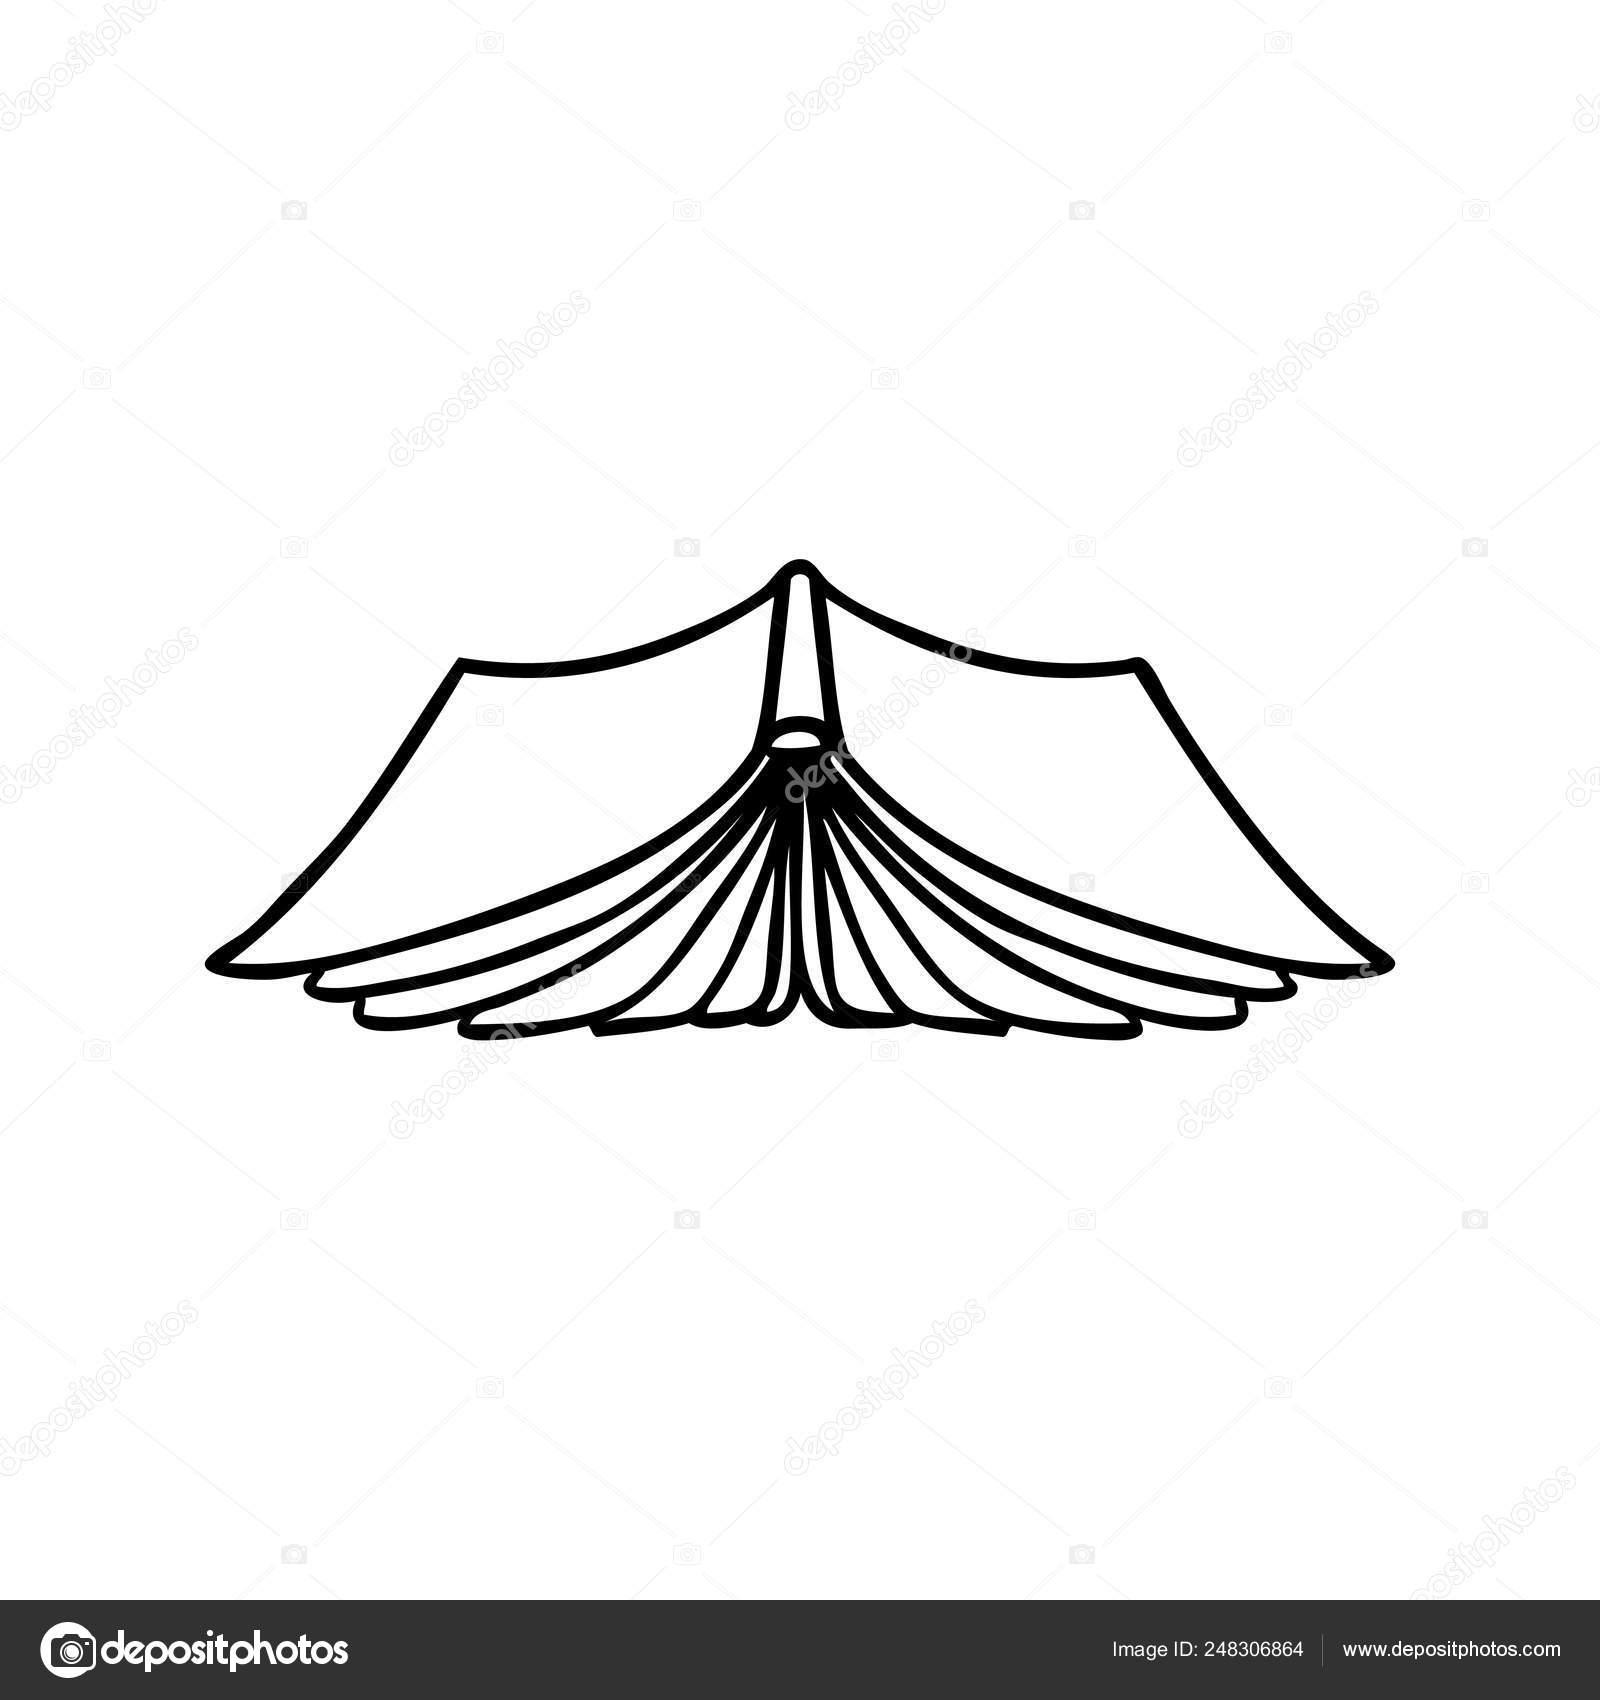 Dessin Au Trait Doodle D Un Livre Ouvert Image Vectorielle